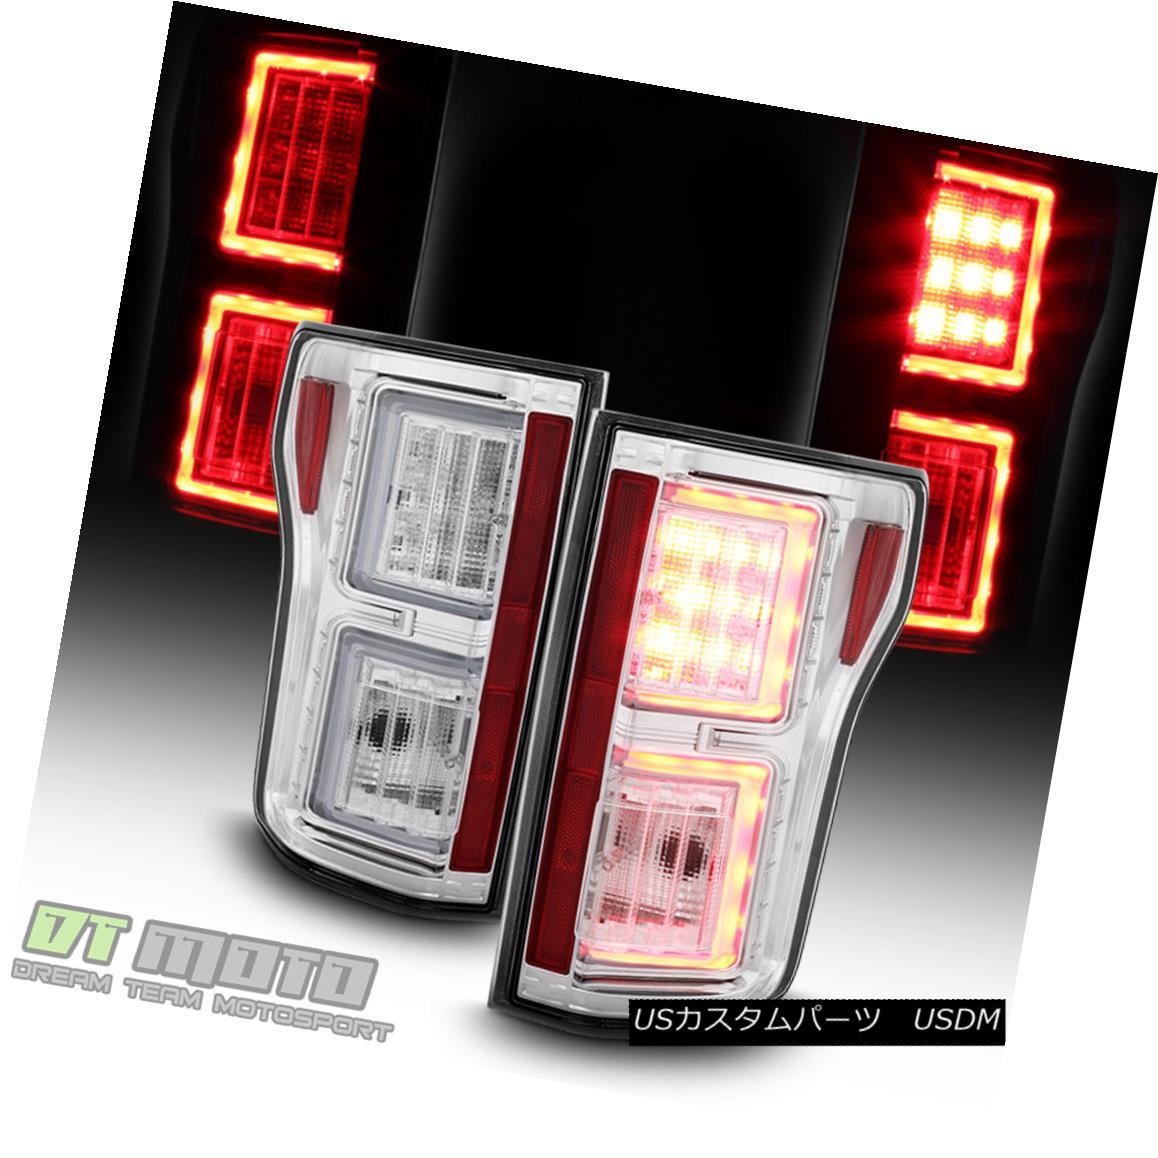 テールライト 2015 2016 2017 Ford F150 Truck LED Light Bar Tail Lights Brake Lamps Left+Right 2015 2016 2017フォードF150トラックLEDライトバーテールライトブレーキランプ左+右